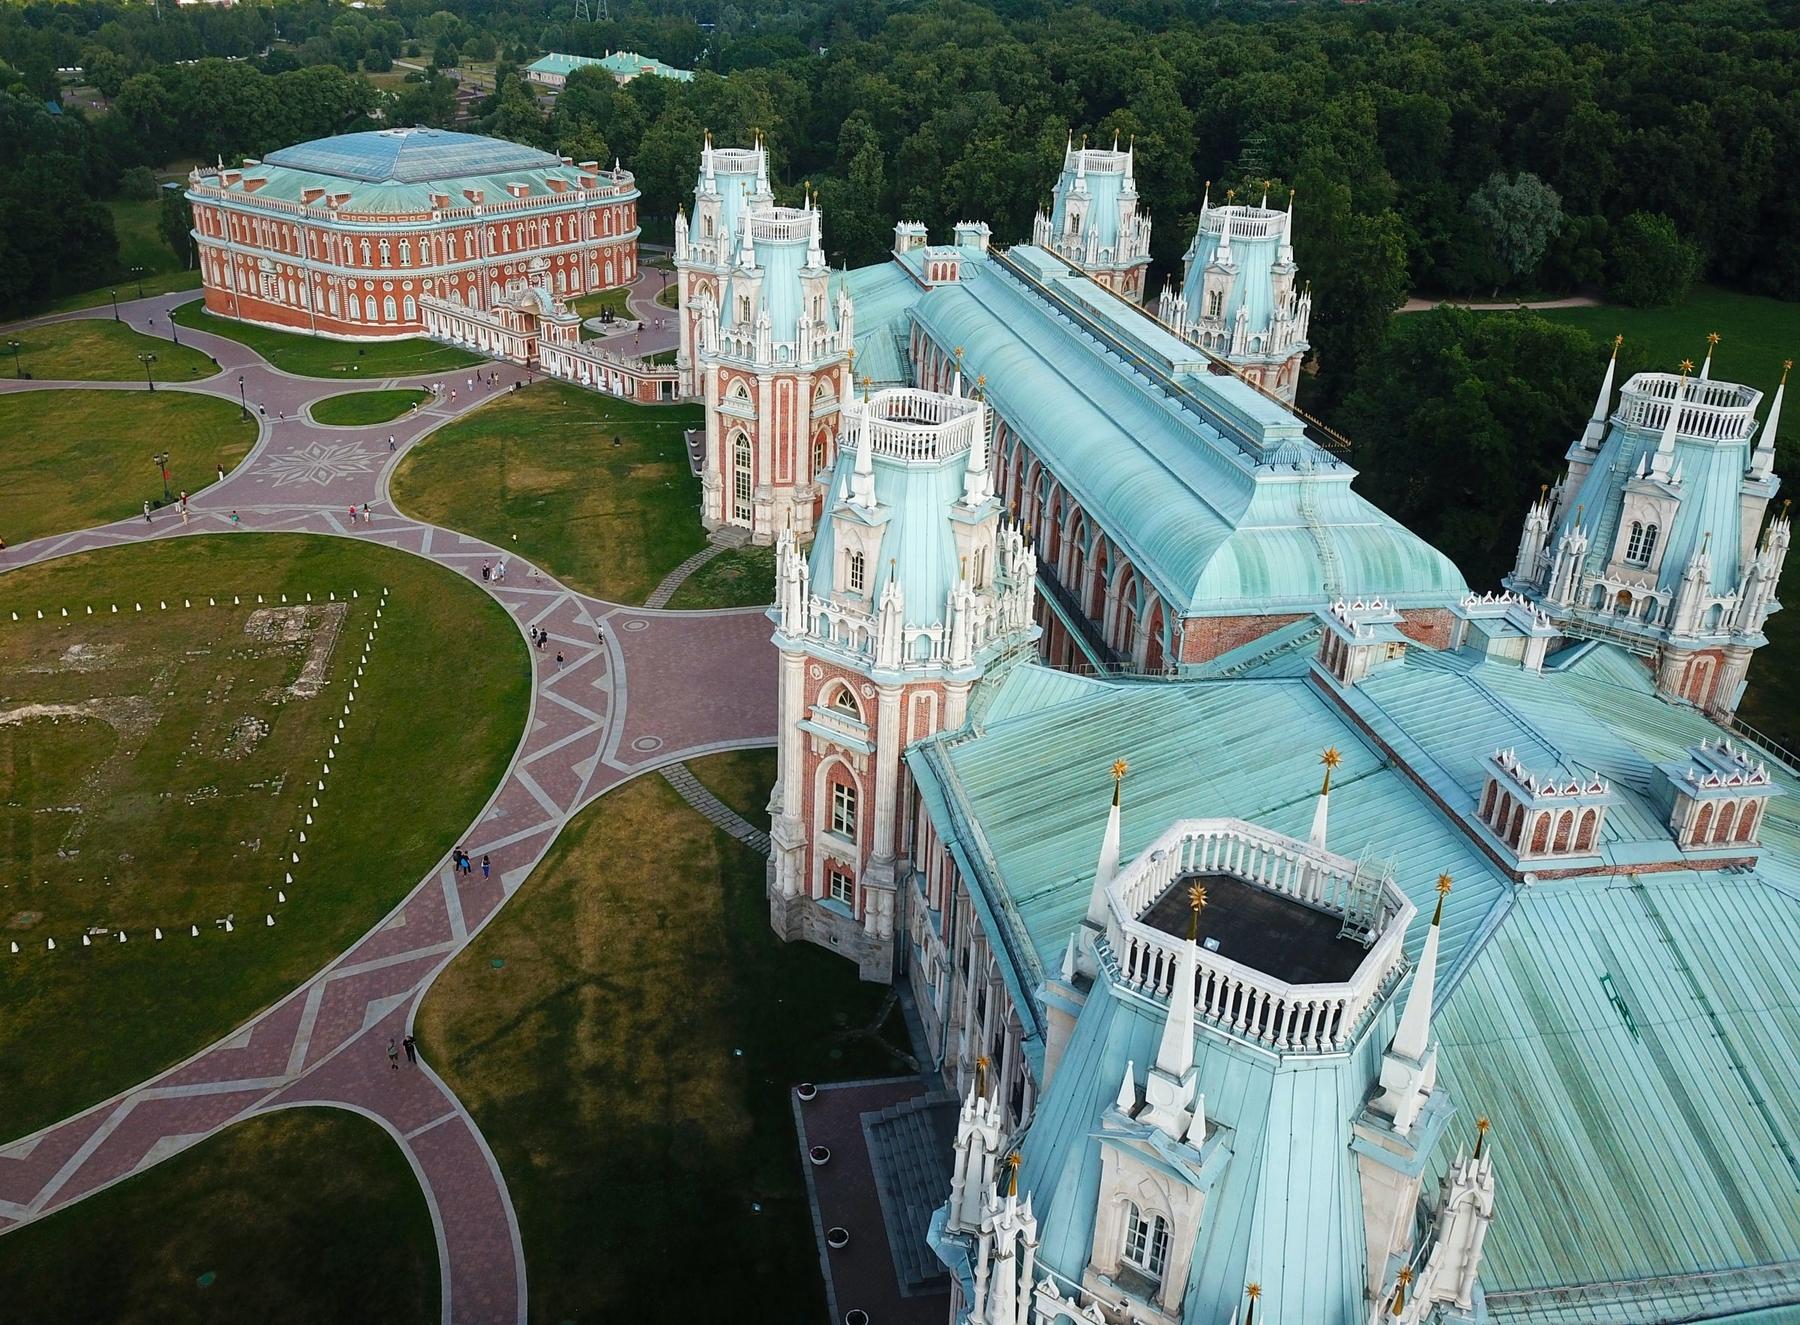 Список дворцов и замков России был бы неполным без дворца в Царицыно